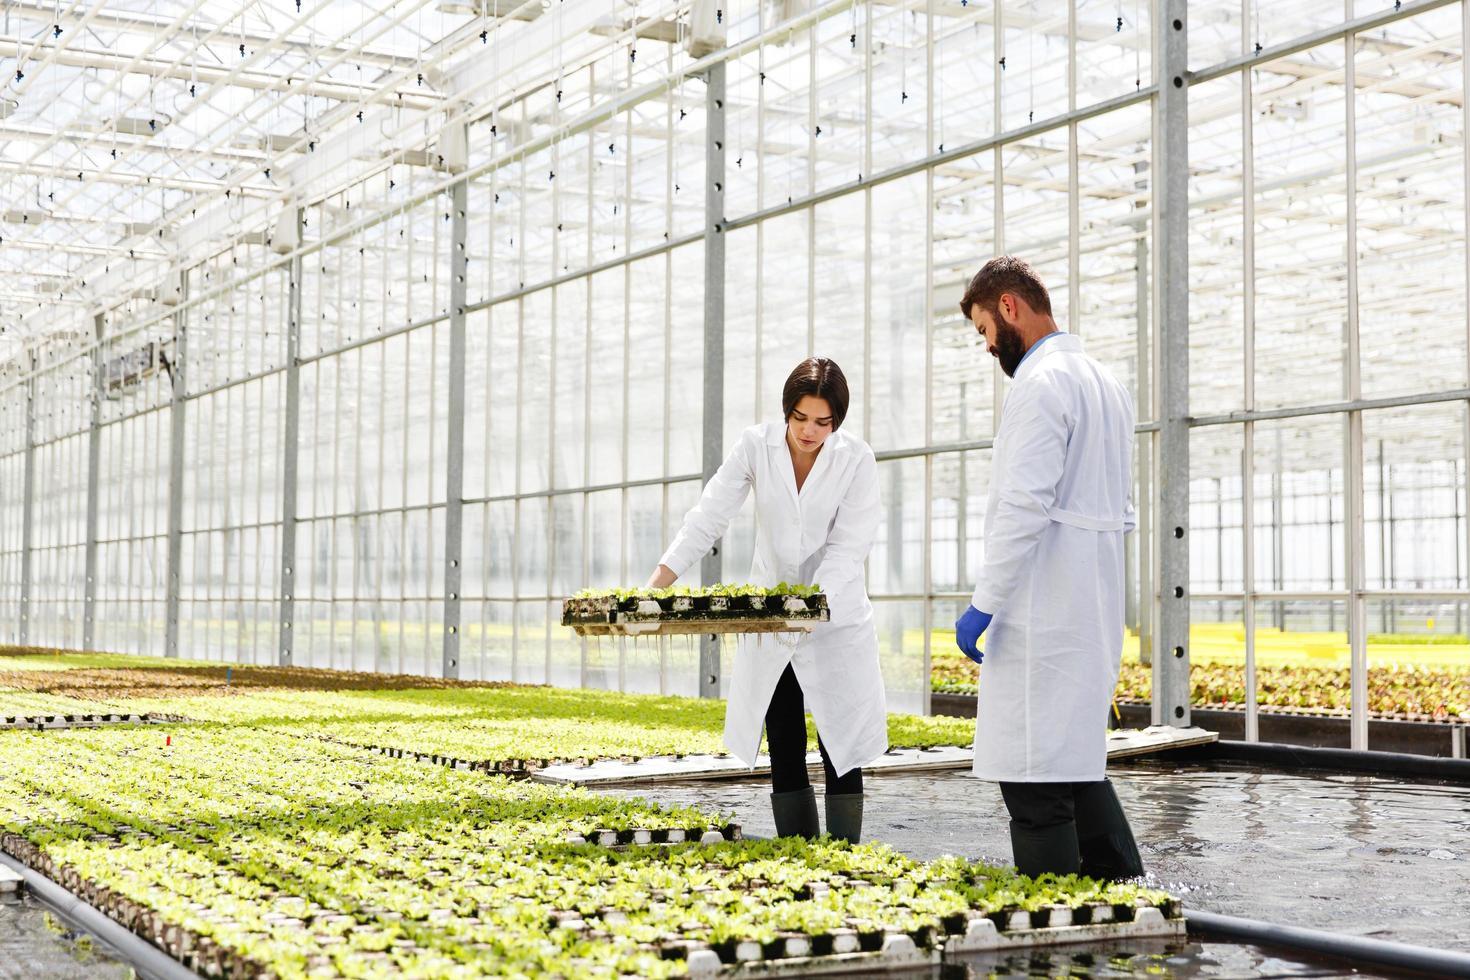 homme et femme en robes de laboratoire travaillent avec des plantes dans une serre photo